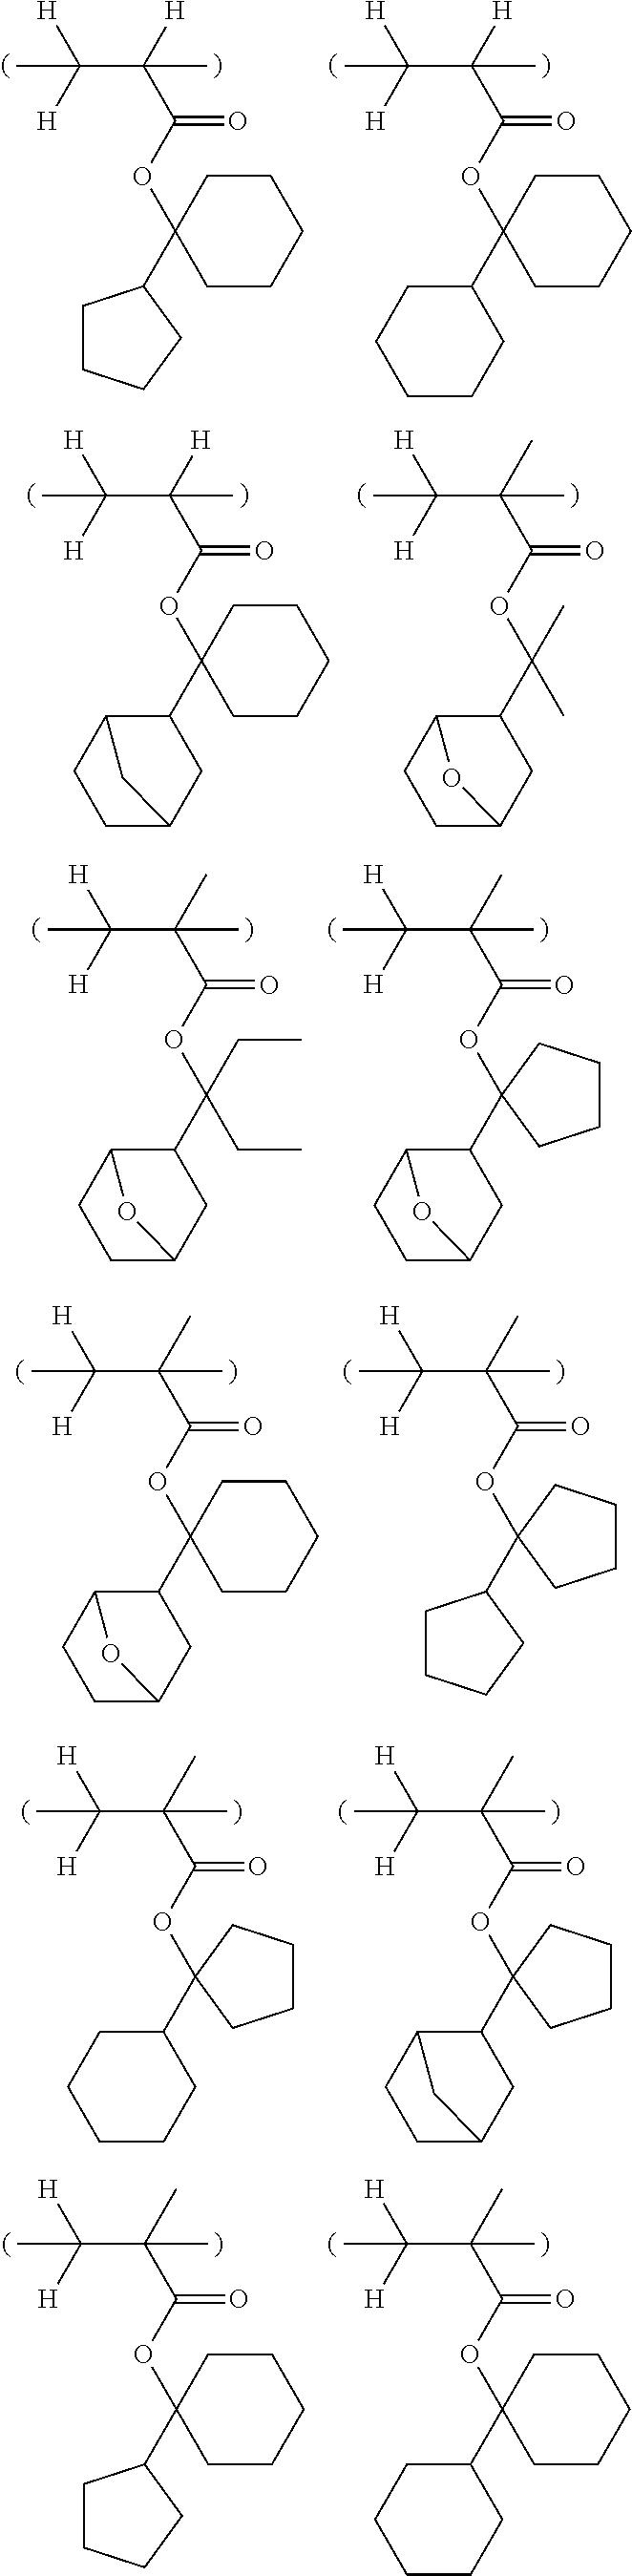 Figure US08900793-20141202-C00048